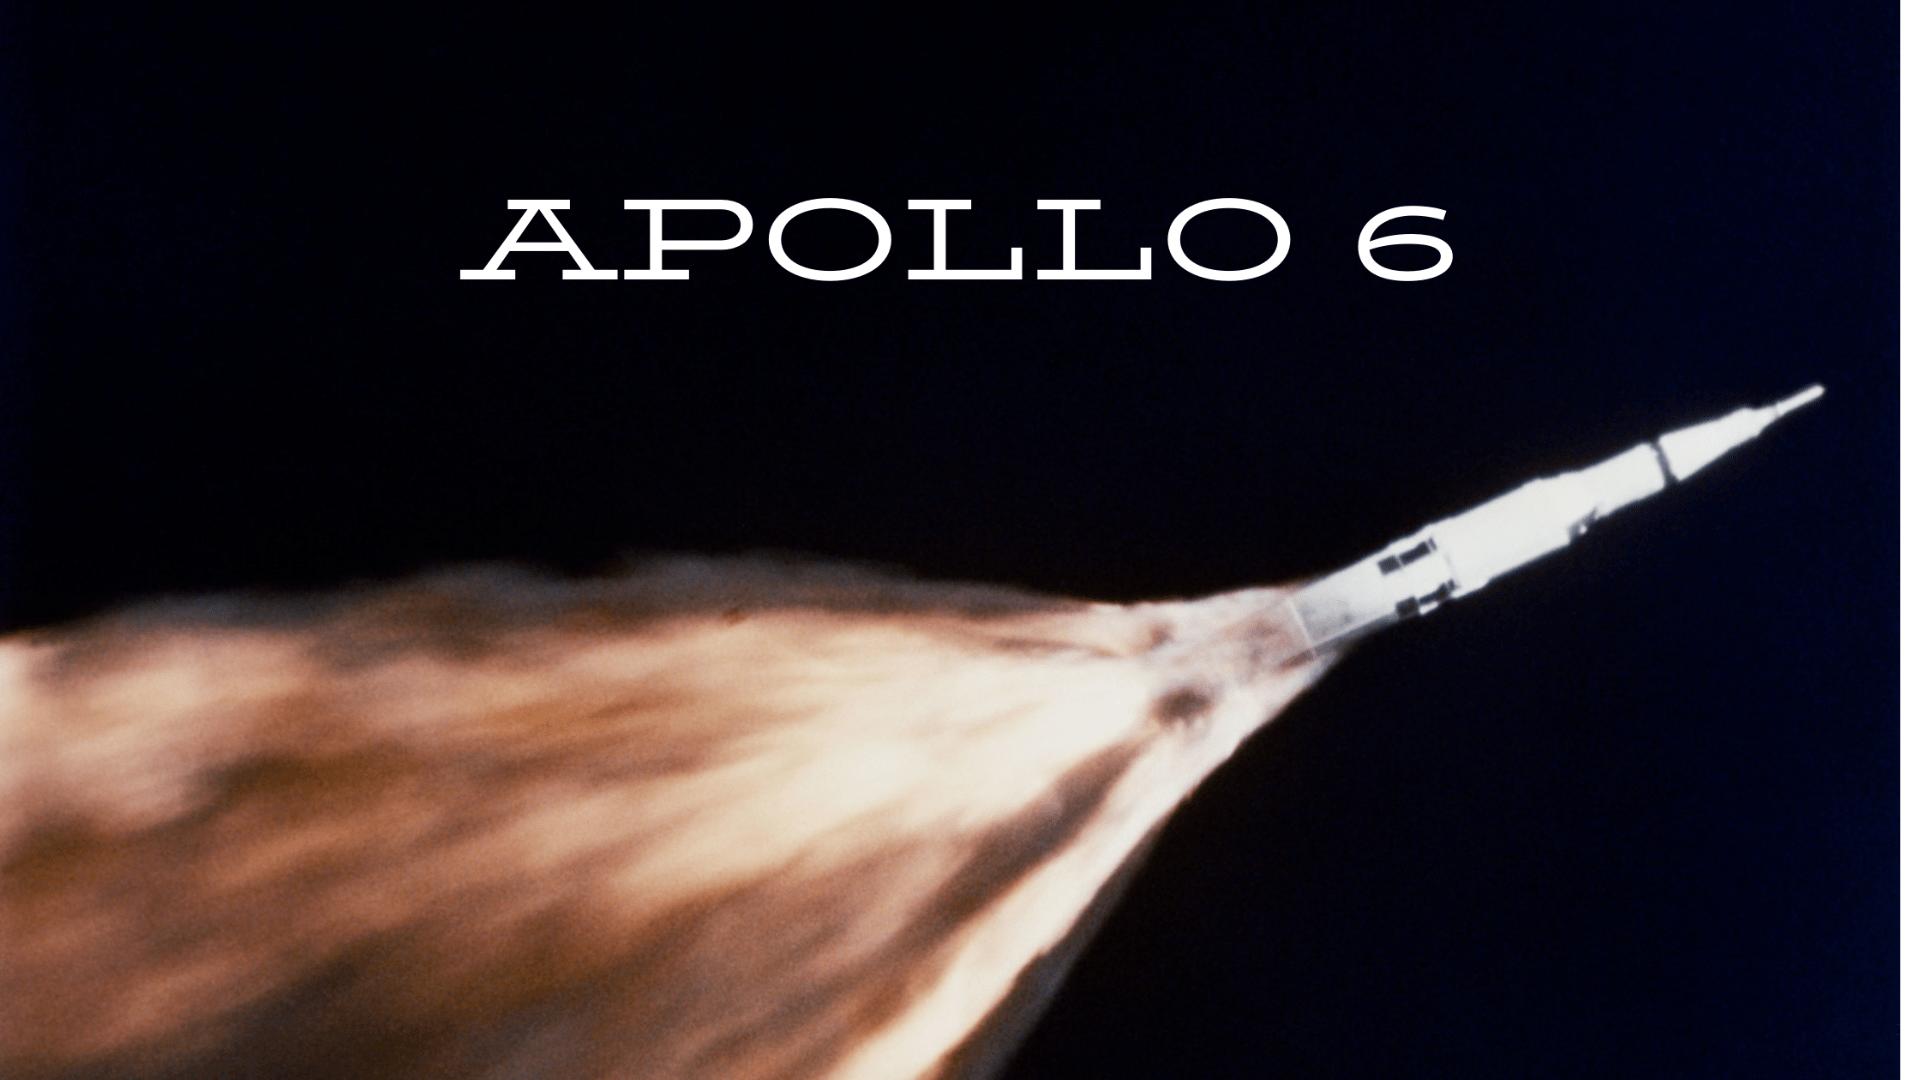 Apollo 6 header